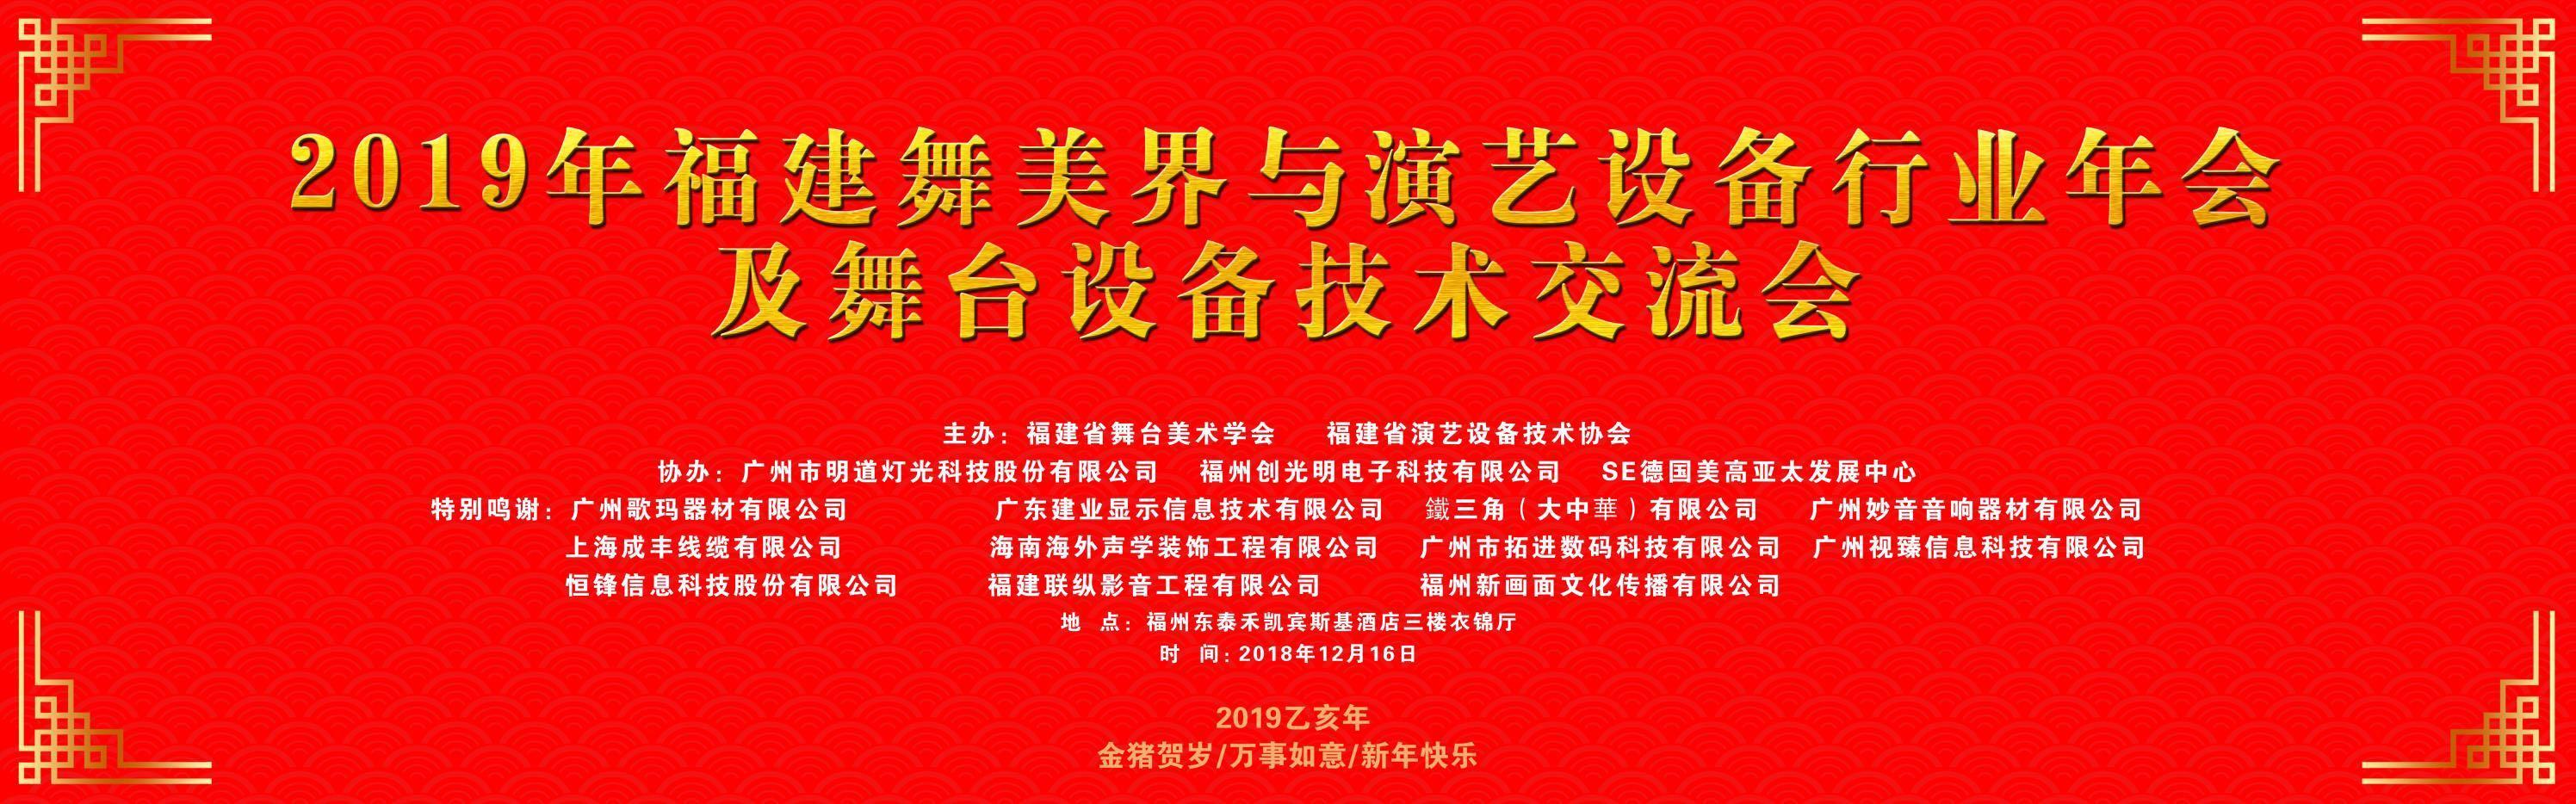 2019年福建舞美界与演艺设备行业盛典